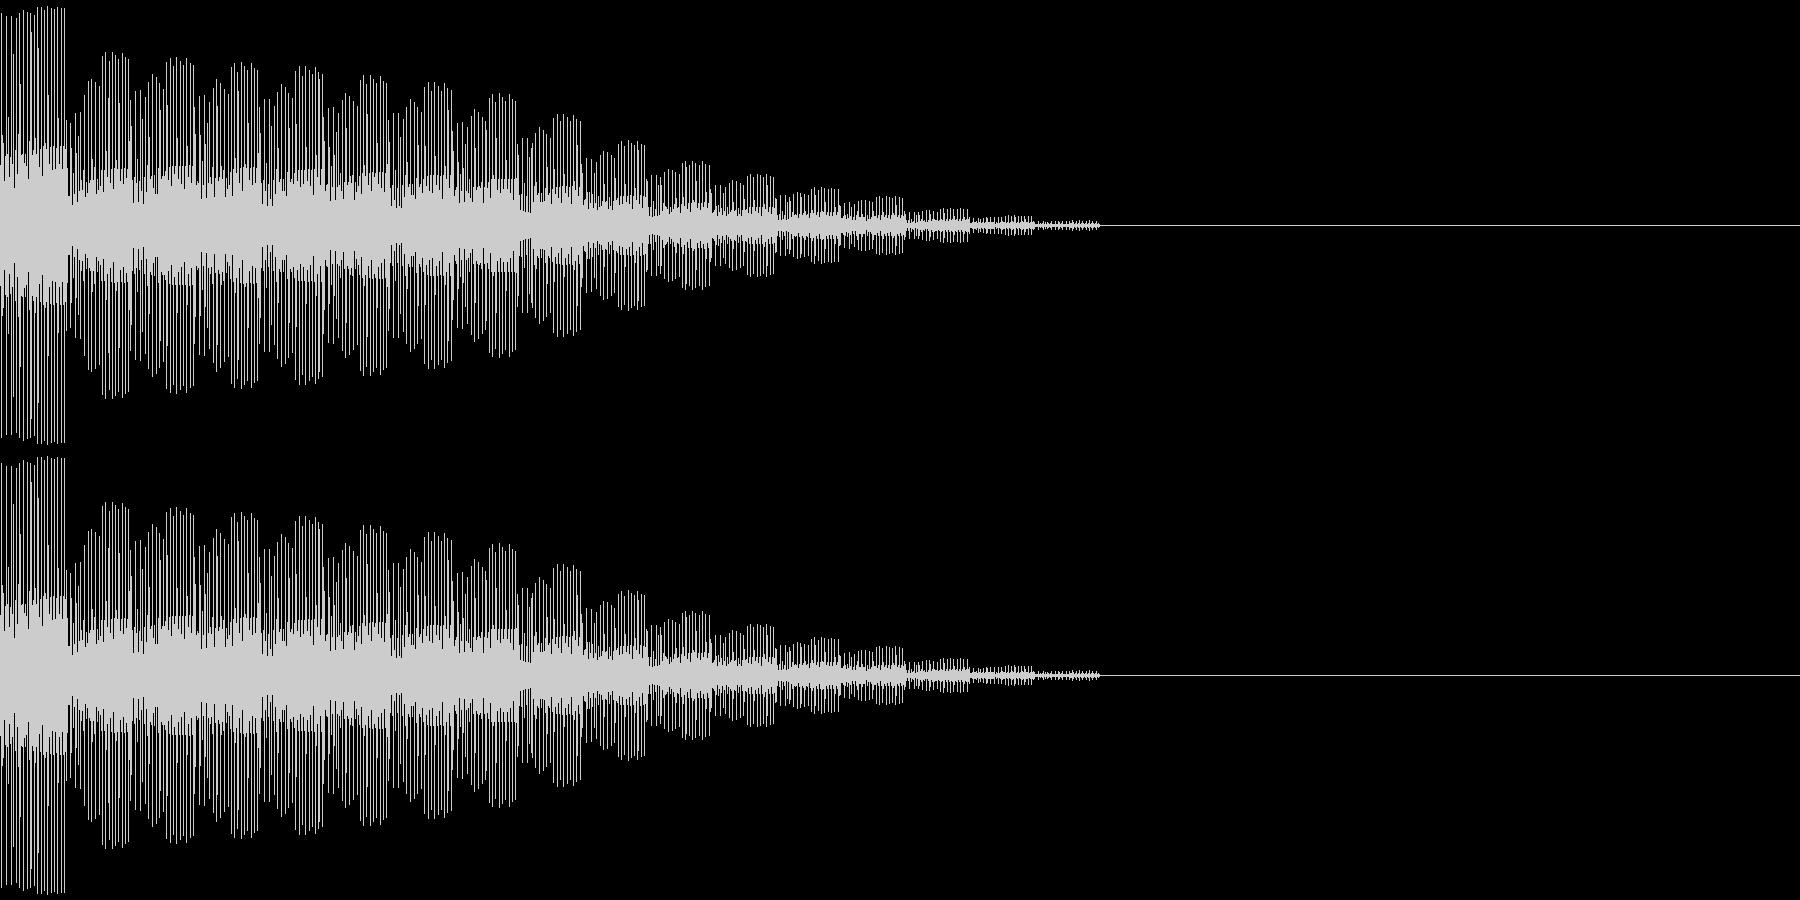 スタート、決定(ピロロ音)の未再生の波形